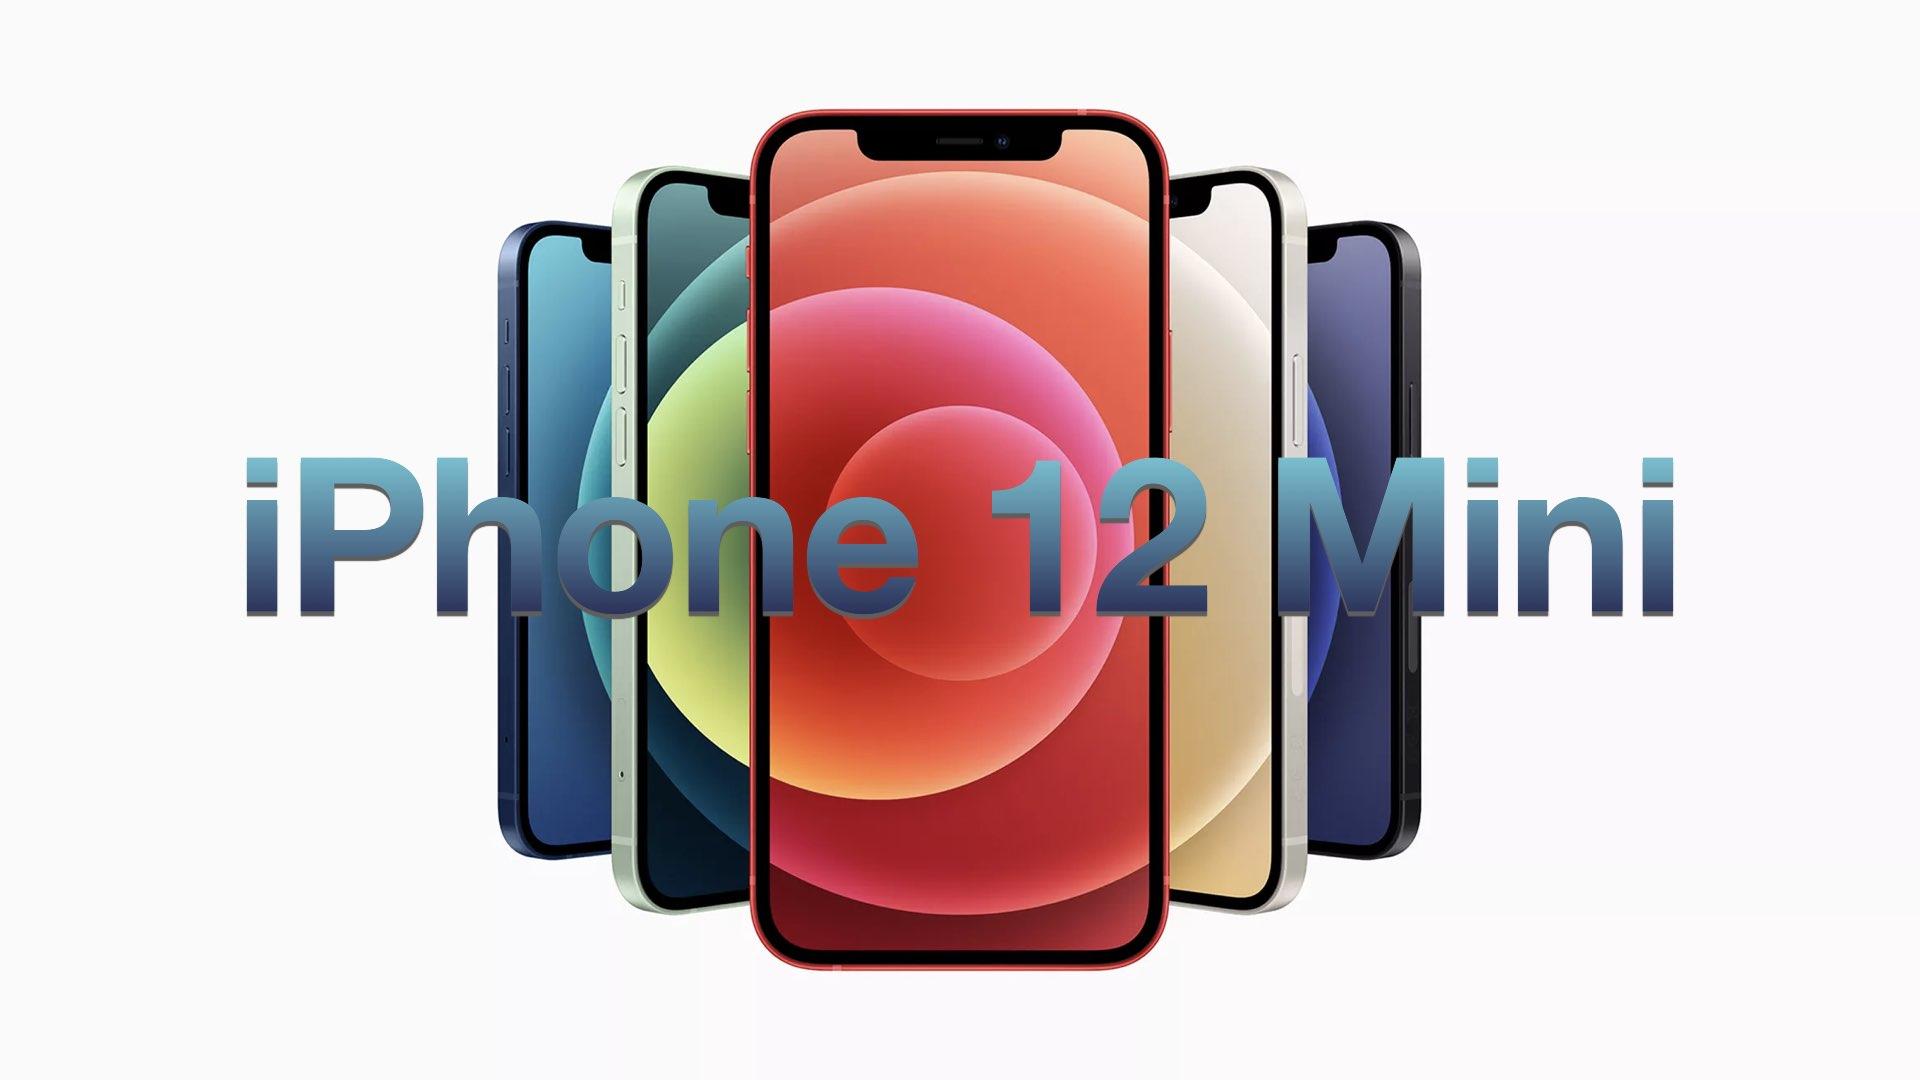 El iPhone 12 Mini es la apuesta más interesante de Apple en años | Techcetera